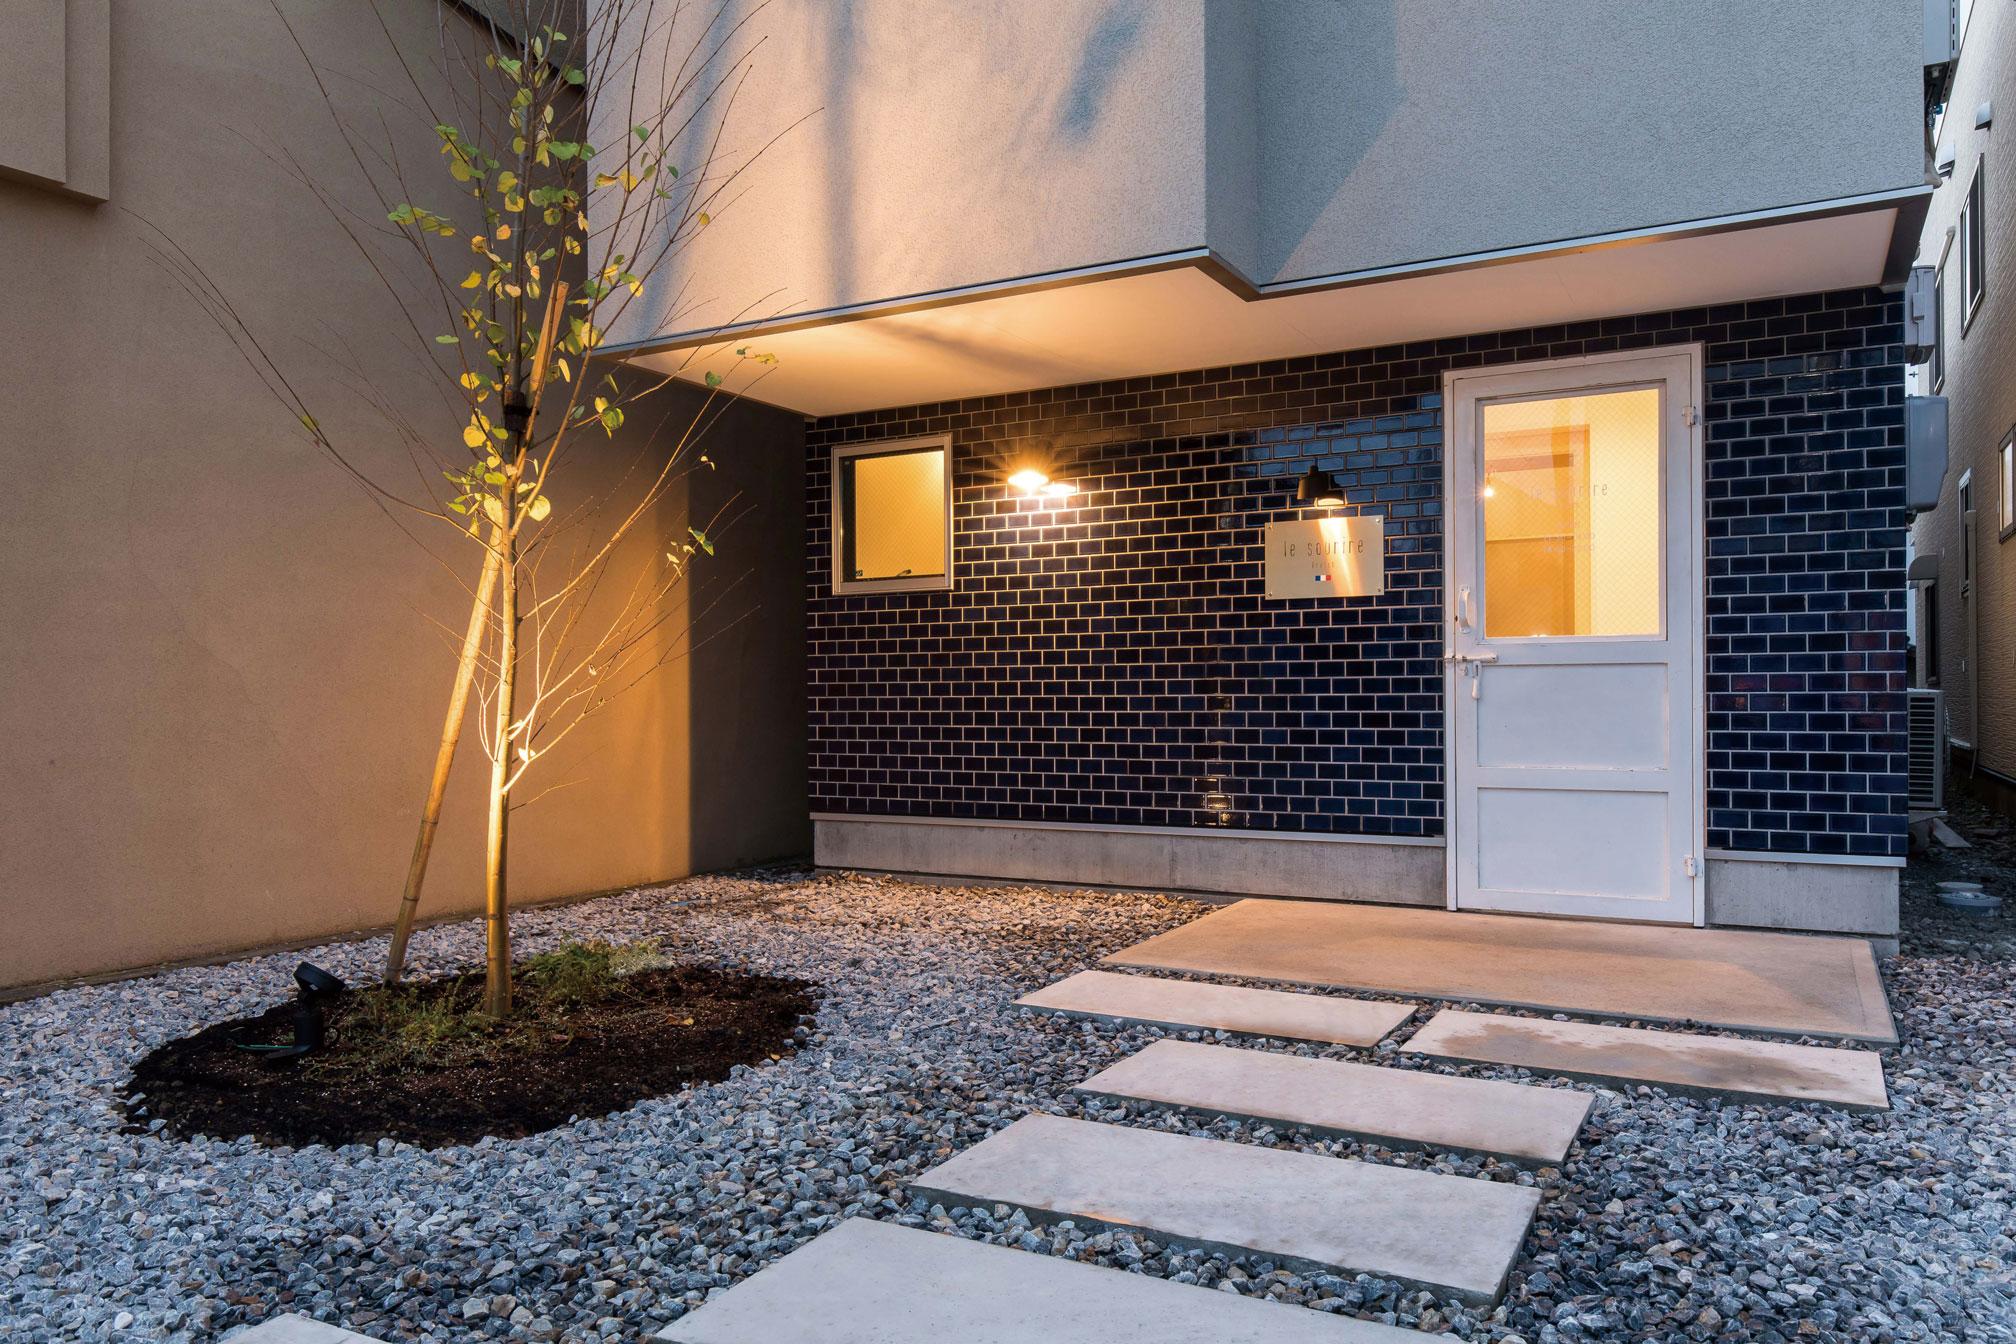 松本市役所の東に位置します。松本スイーツコンテスト2019準グランプリを受賞した「松本の泉」を予約販売、イートインできます